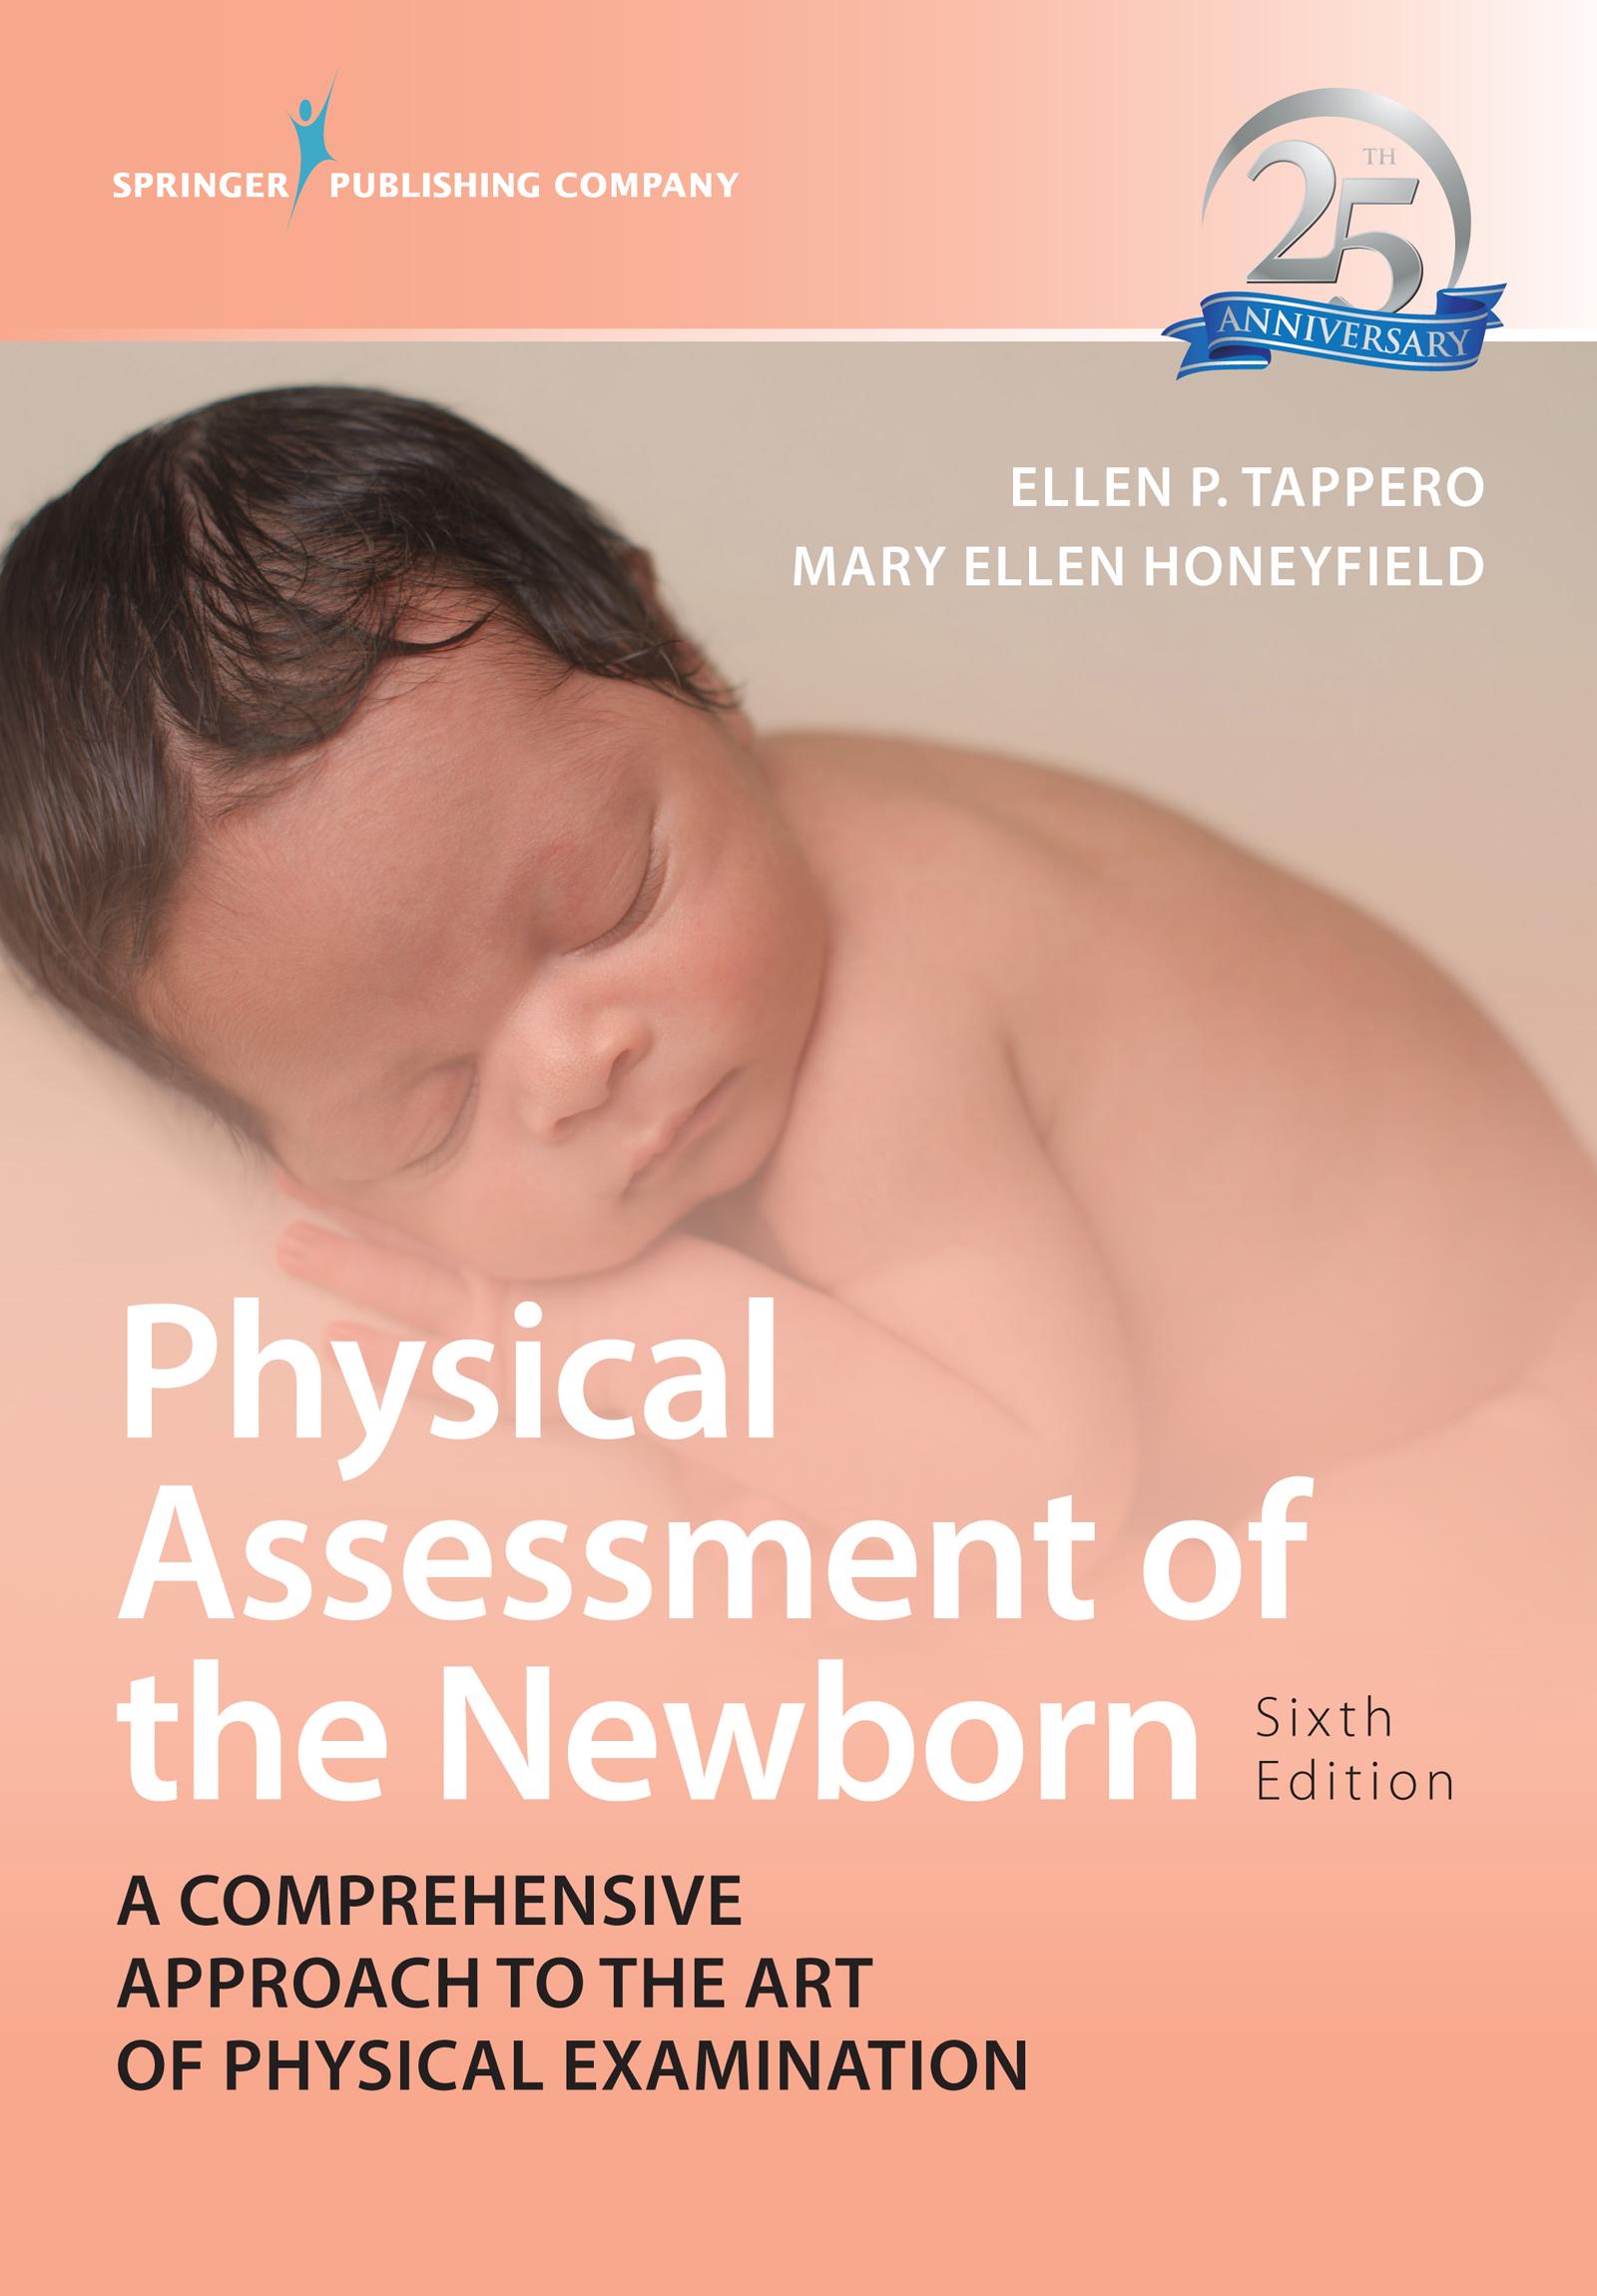 Neurologic Assessment | Springer Publishing